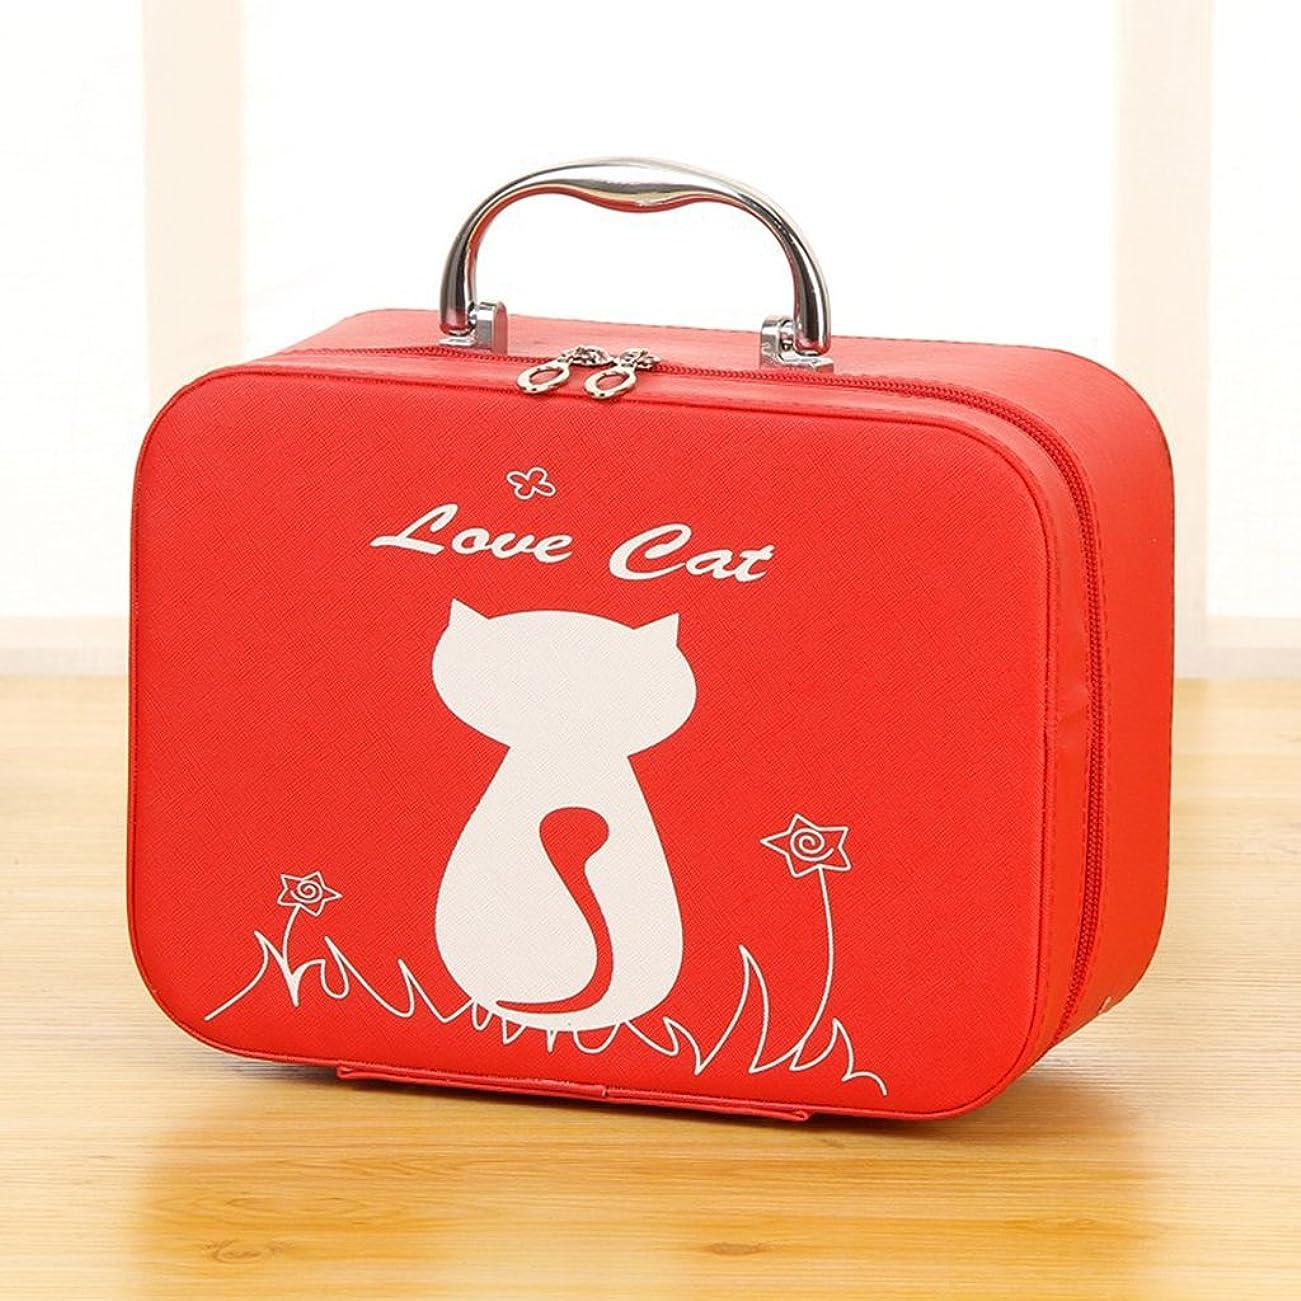 フォアタイプブロック技術シンプルでかわいいメイクアップケース専門の洗面化粧ポーチ美容化粧品オーガナイザー女性のための旅行用バッグ